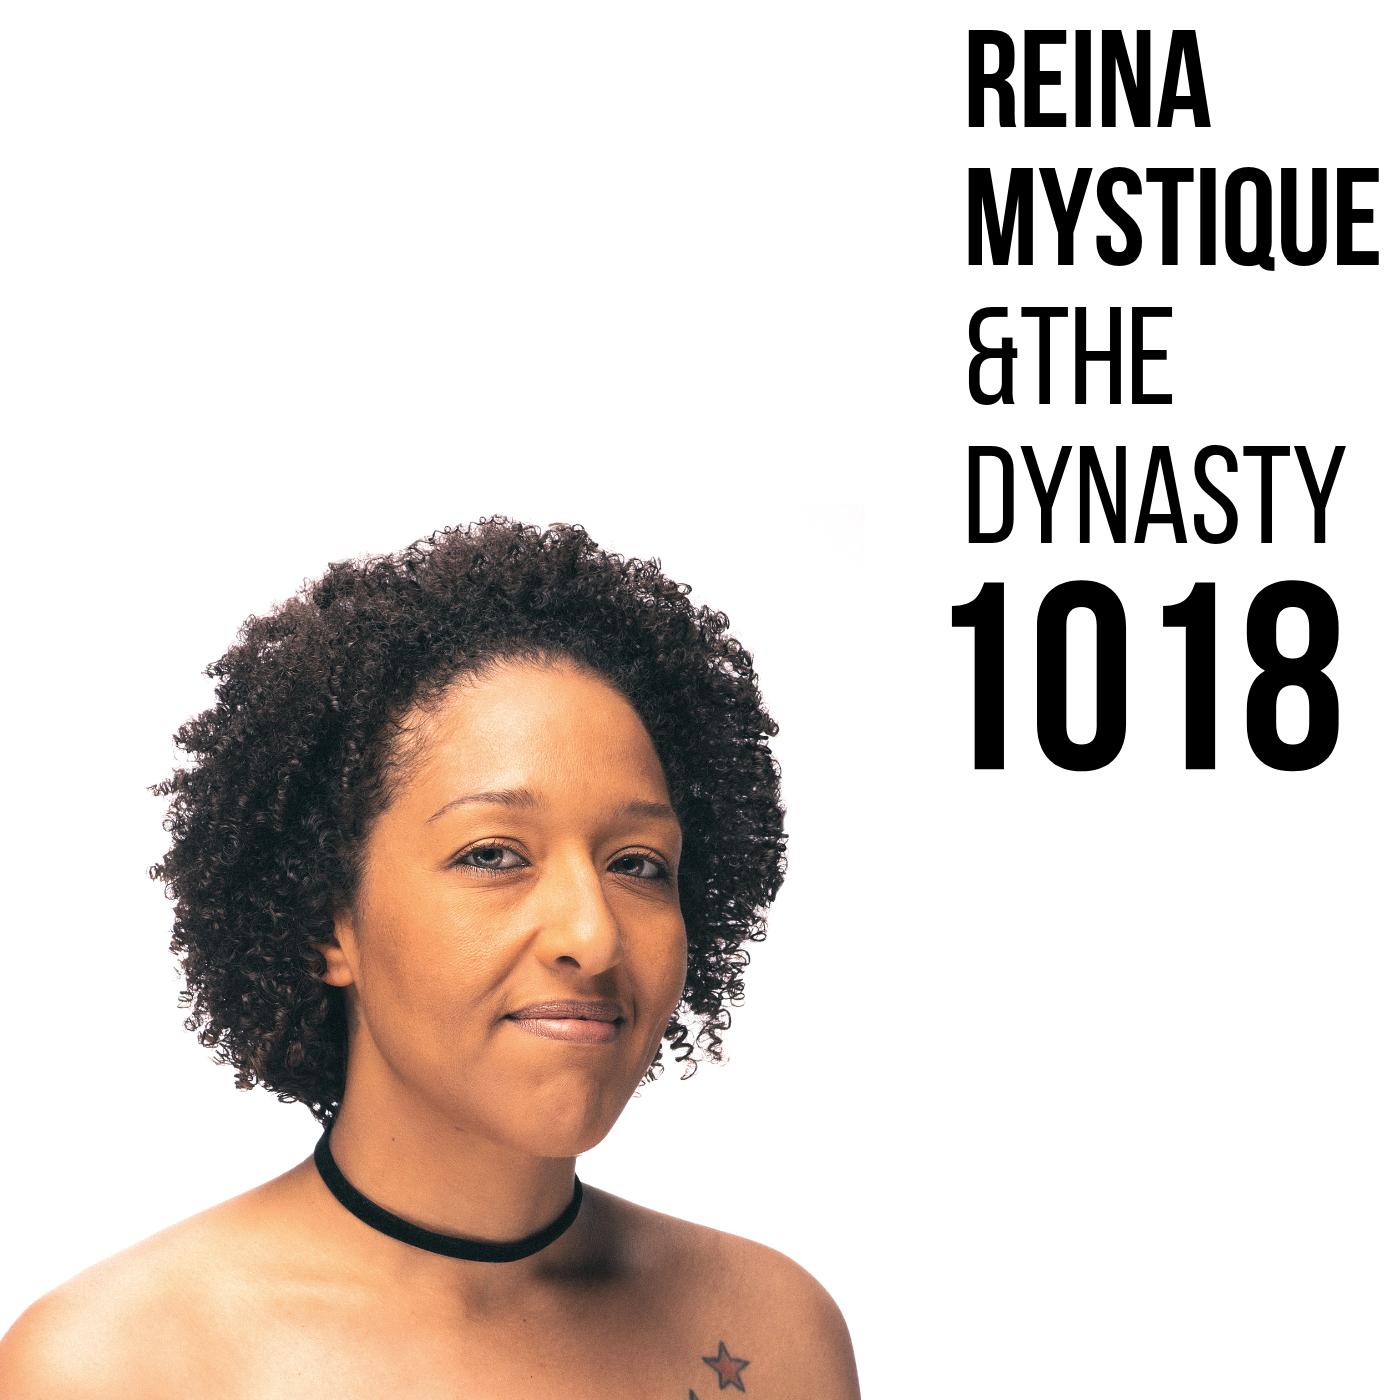 1018 Album Cover